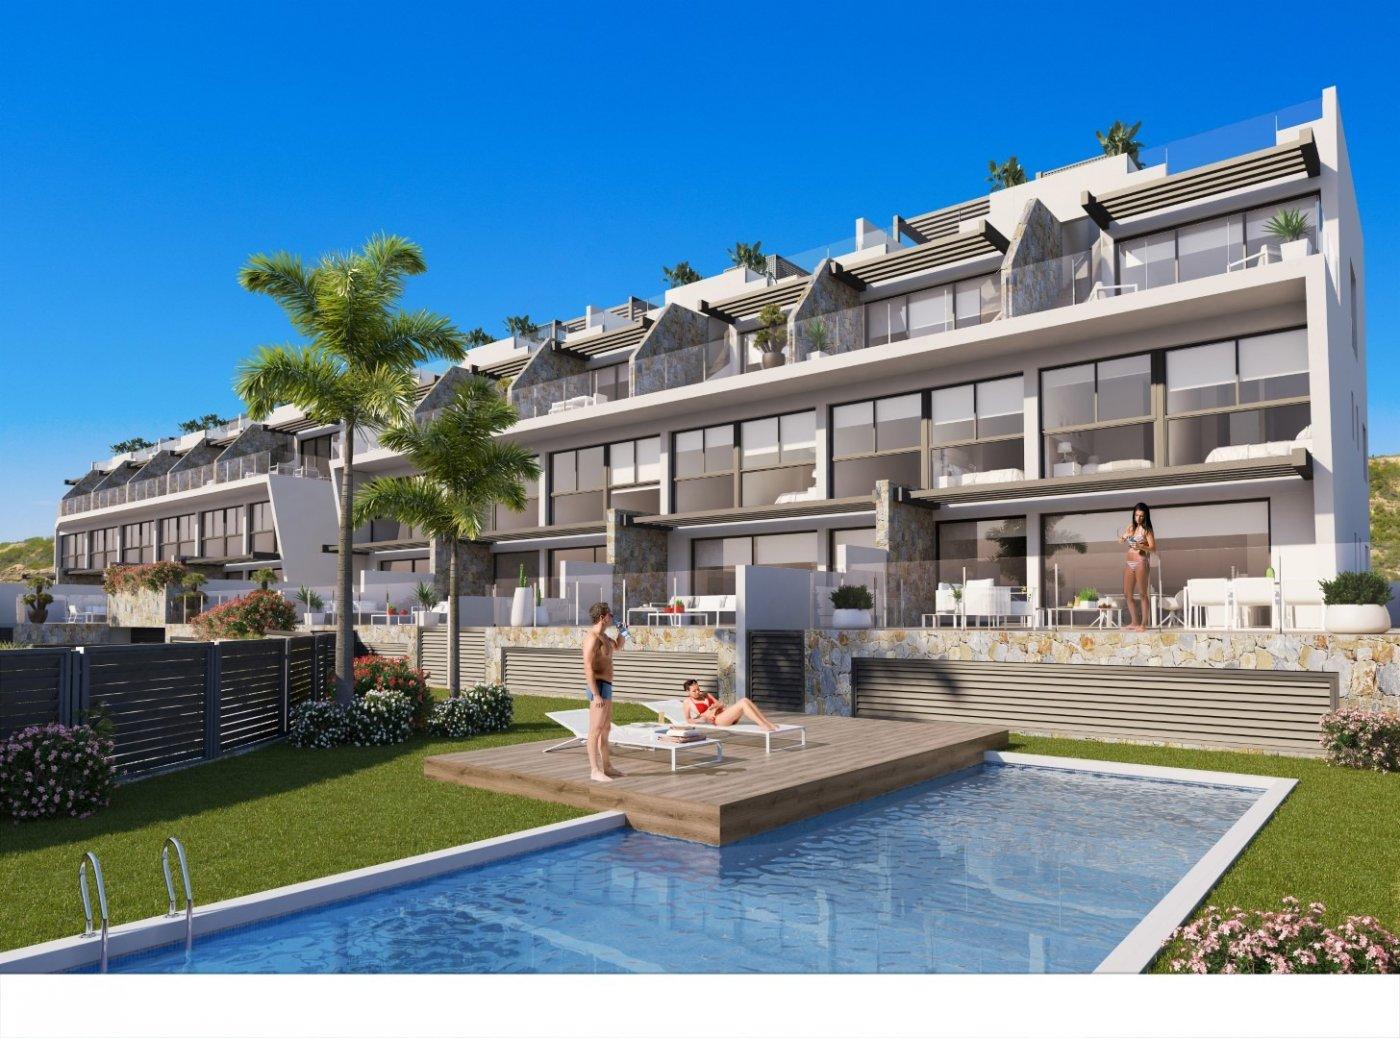 Townhouse - Nieuwbouw - Guardamar del Segura - Alicante